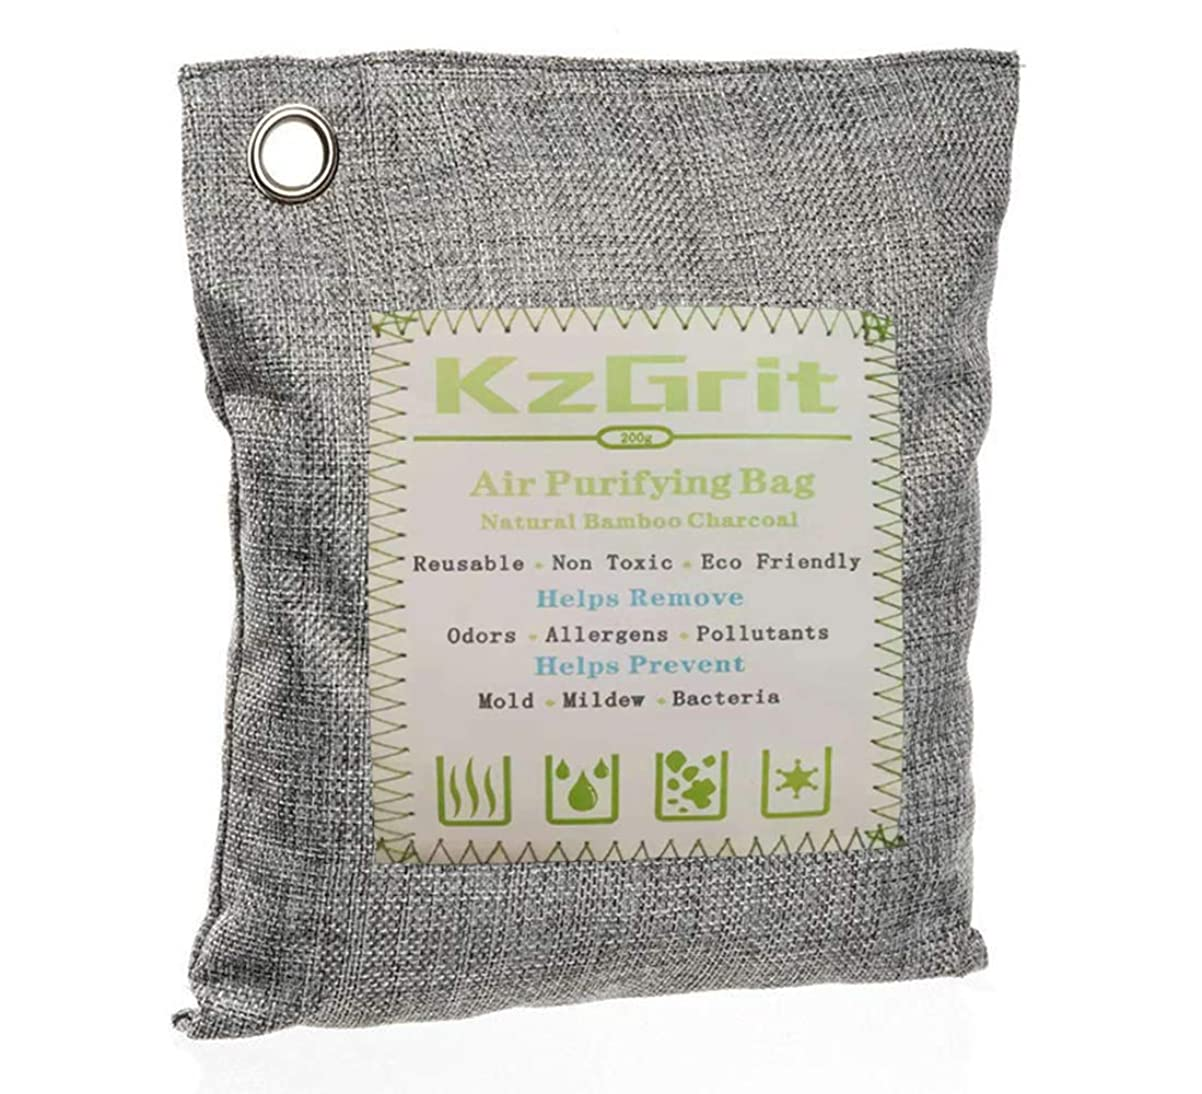 勤勉無意味小道KzGrit 竹炭バッグ 消臭 除湿 200g 脱臭剤 空気清浄 無毒 無香料 繰り返し使用可能 環境にやさしい 車内、ペットエリア、部屋、クローゼット、梅雨など湿気の多い季節などで使用可能(グレー)